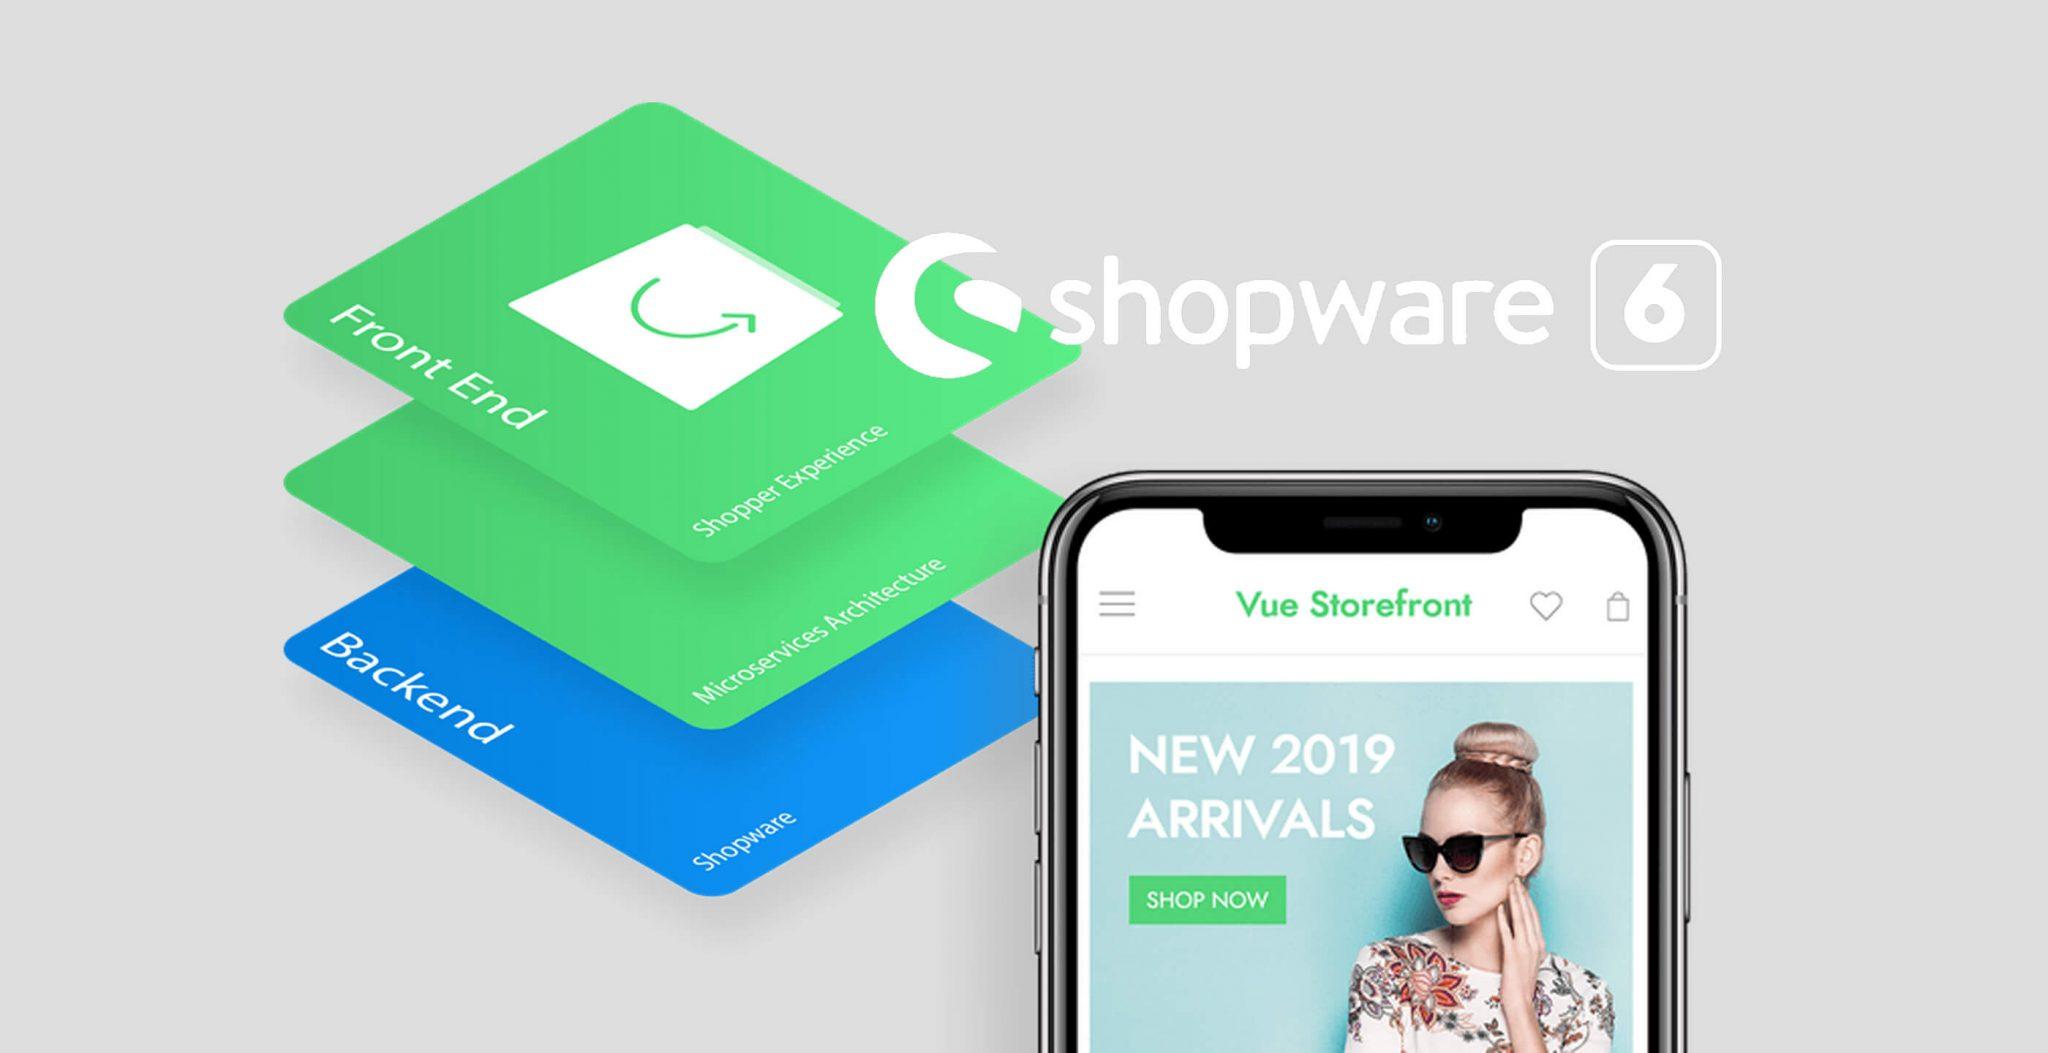 headless e-commerce PWA